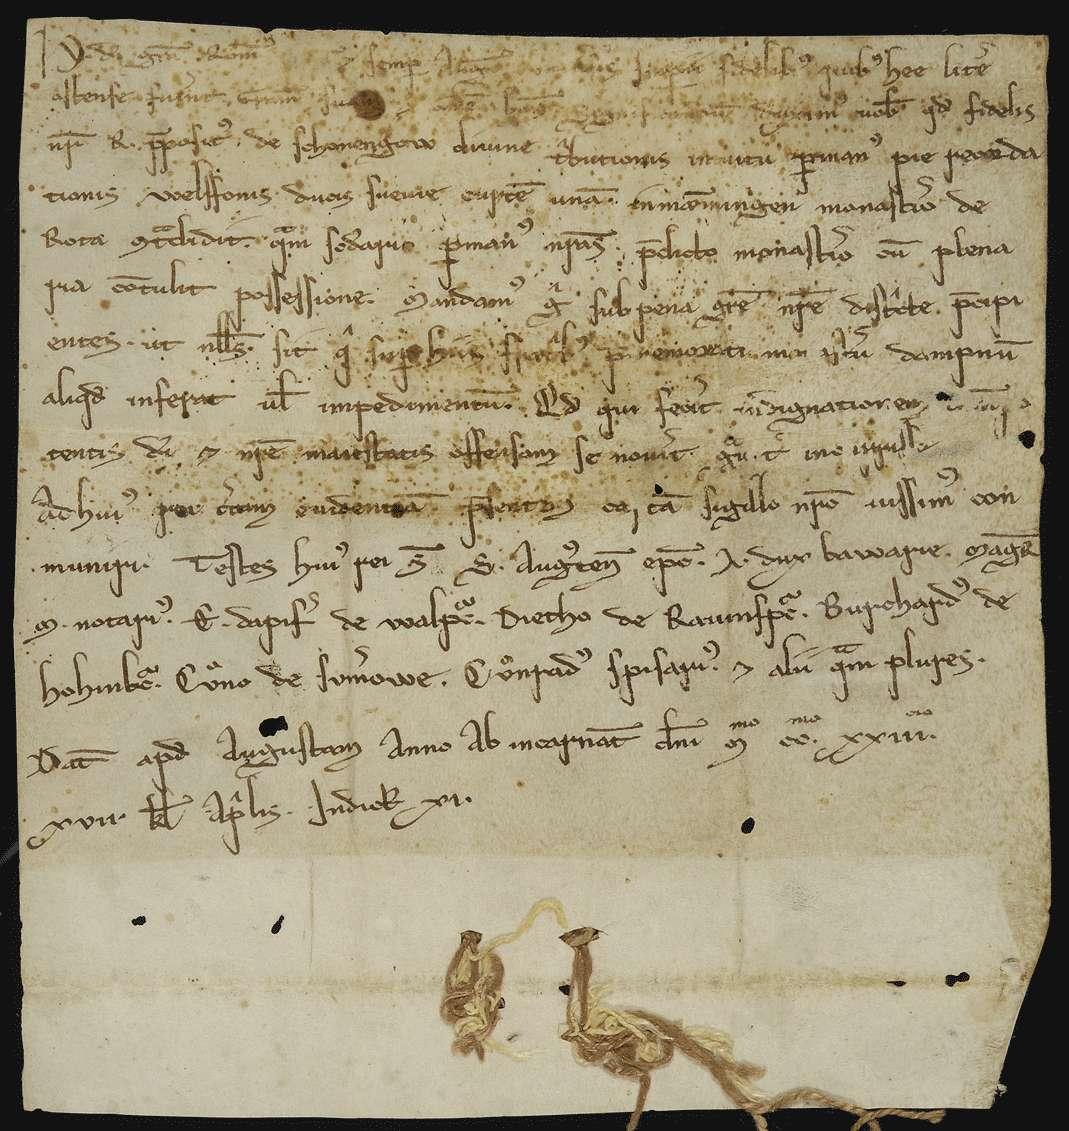 König Heinrich (VII.) beurkundet die vom Propst R. von Schongau durch die Hand des Herzogs Welf und die seinige erfolgte Schenkung eines Hofes in Memmingen an das Kloster Rot., Bild 1